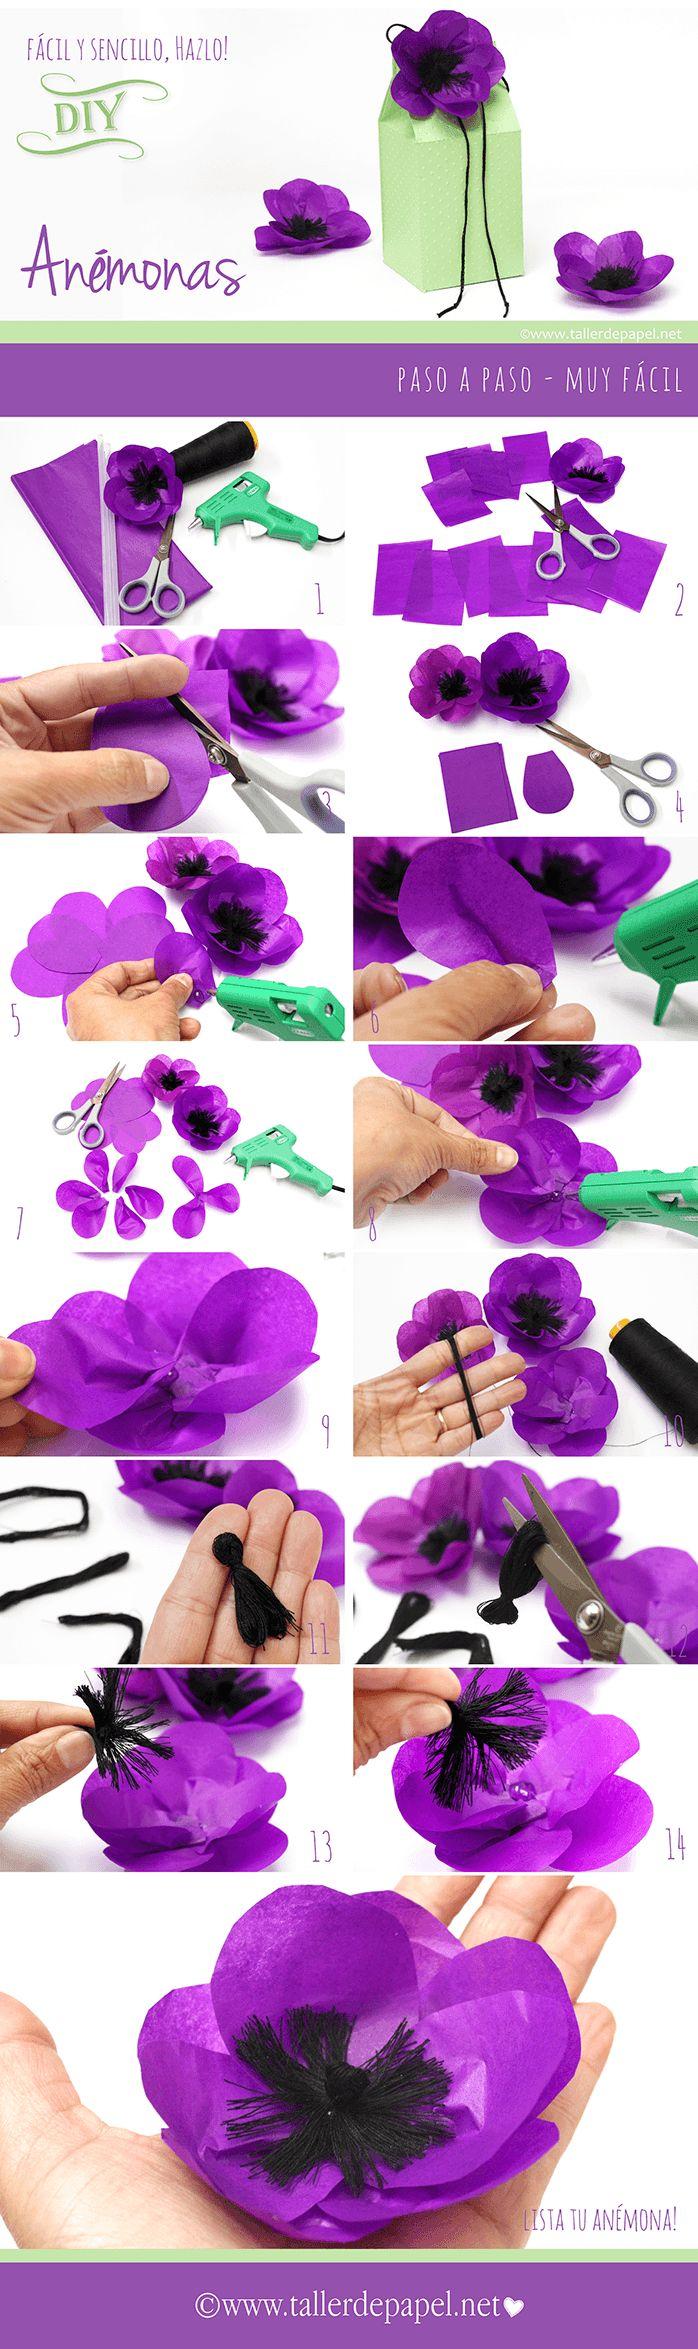 DIY: Tutorial de flores de papel. Lindas anémonas para decorar tus regalos y más! - Taller de Papel